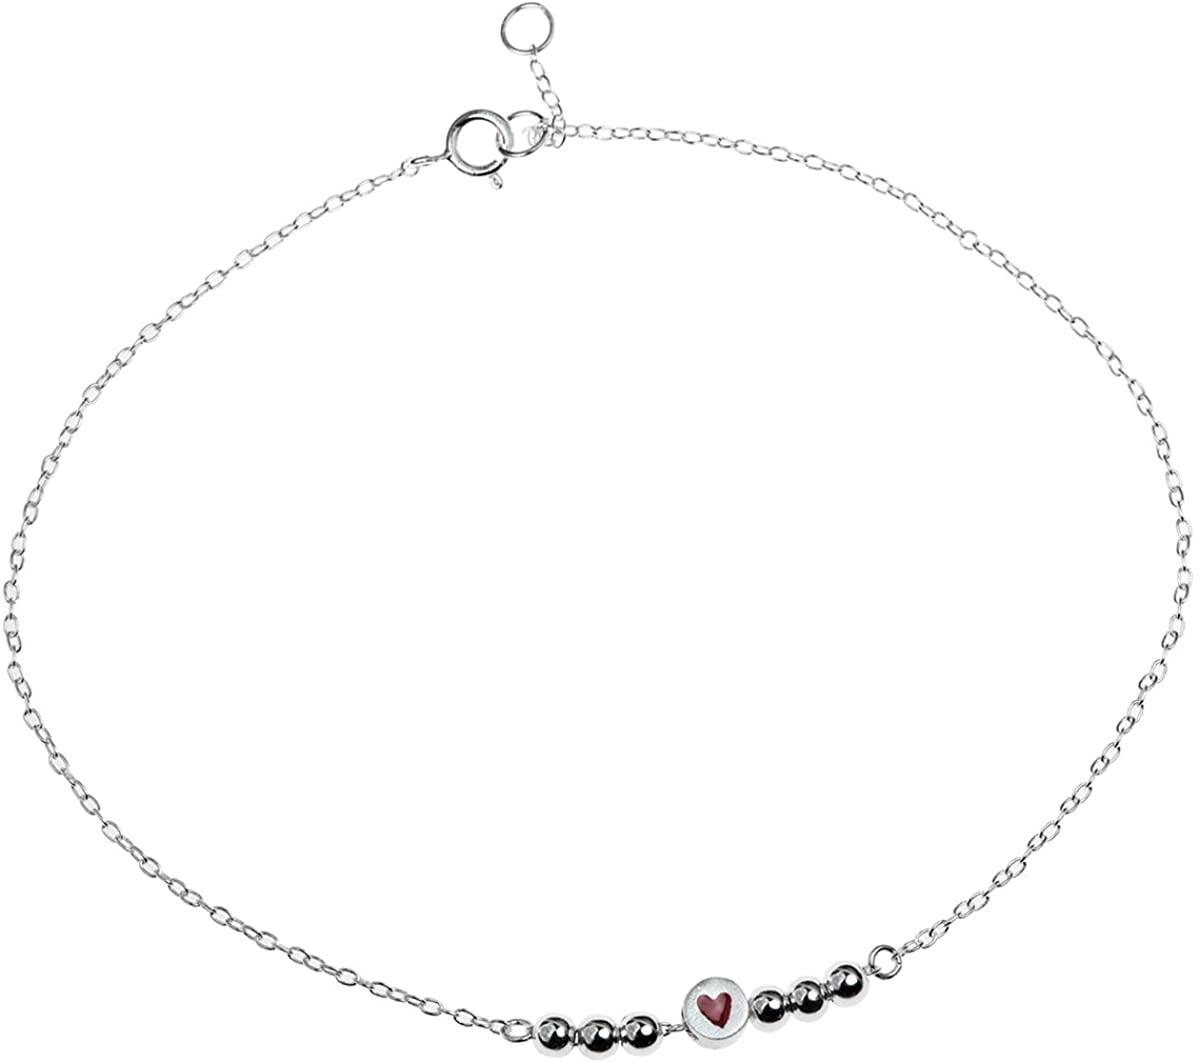 Sterling Silver Love Heart Adjustable Ankle Bracelet, 9